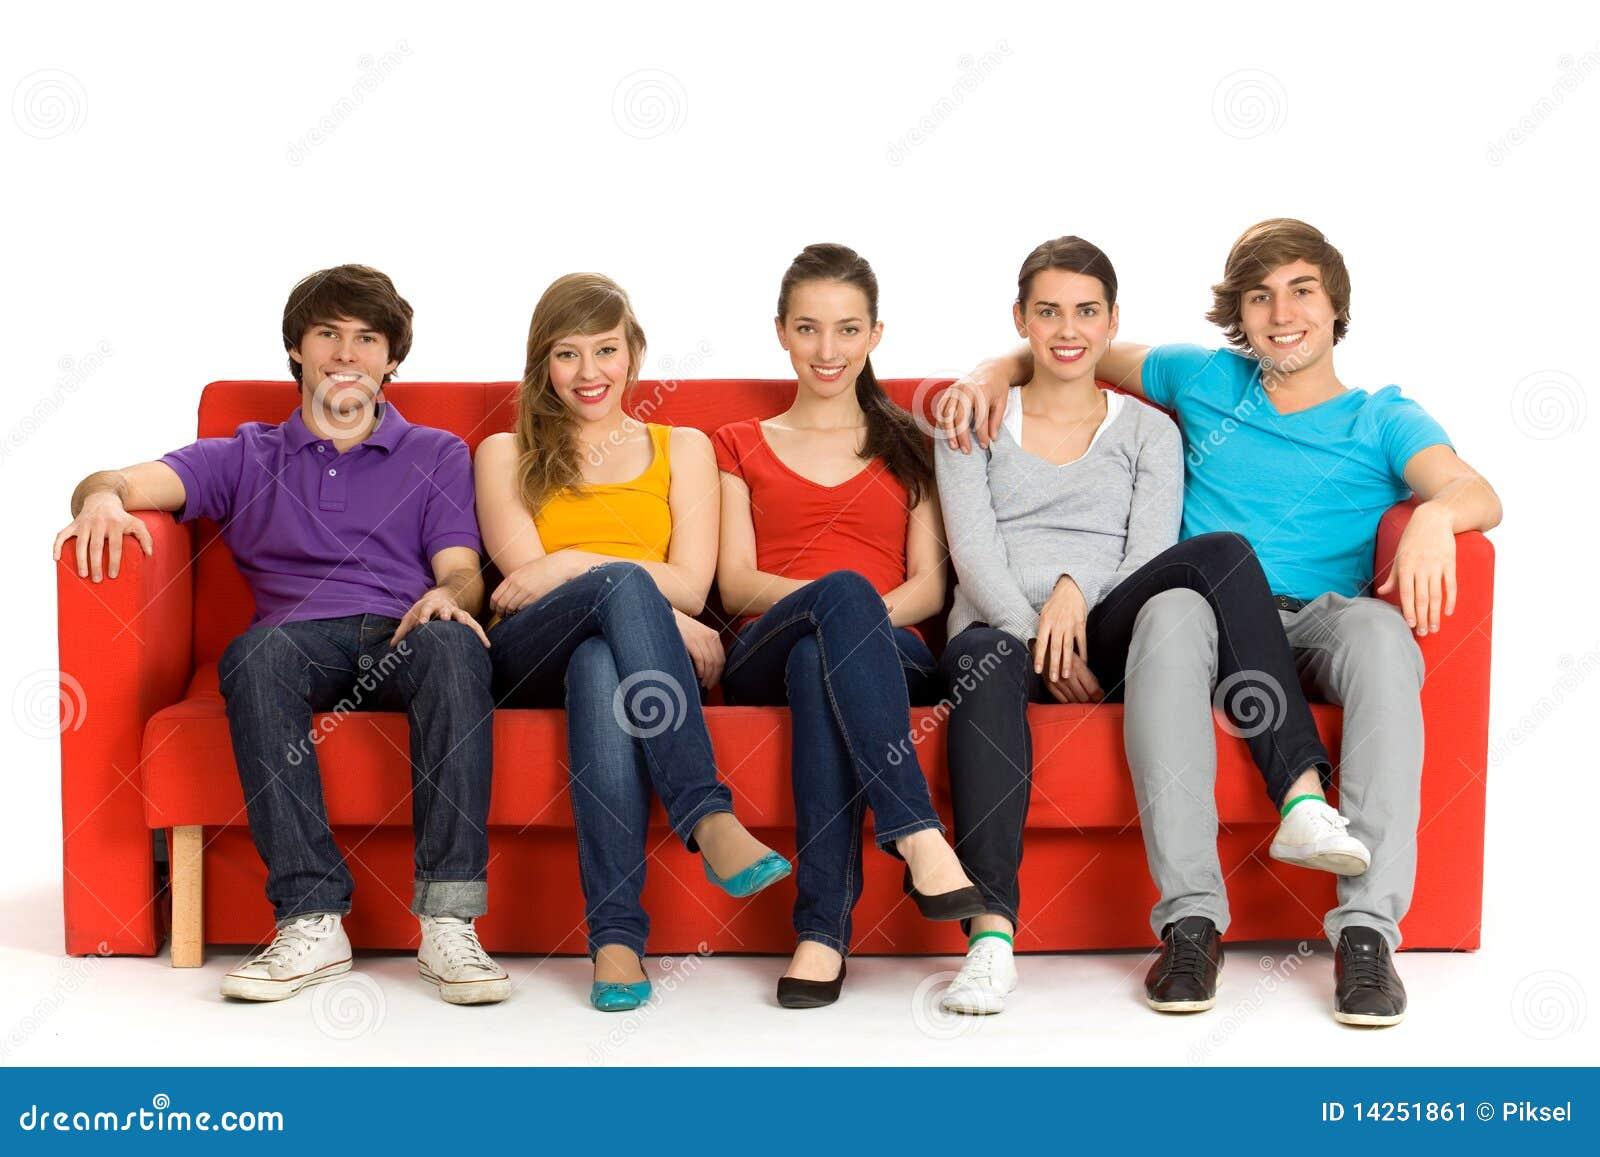 freunde die auf couch sitzen stockbild bild von jungen m dchen 14251861. Black Bedroom Furniture Sets. Home Design Ideas